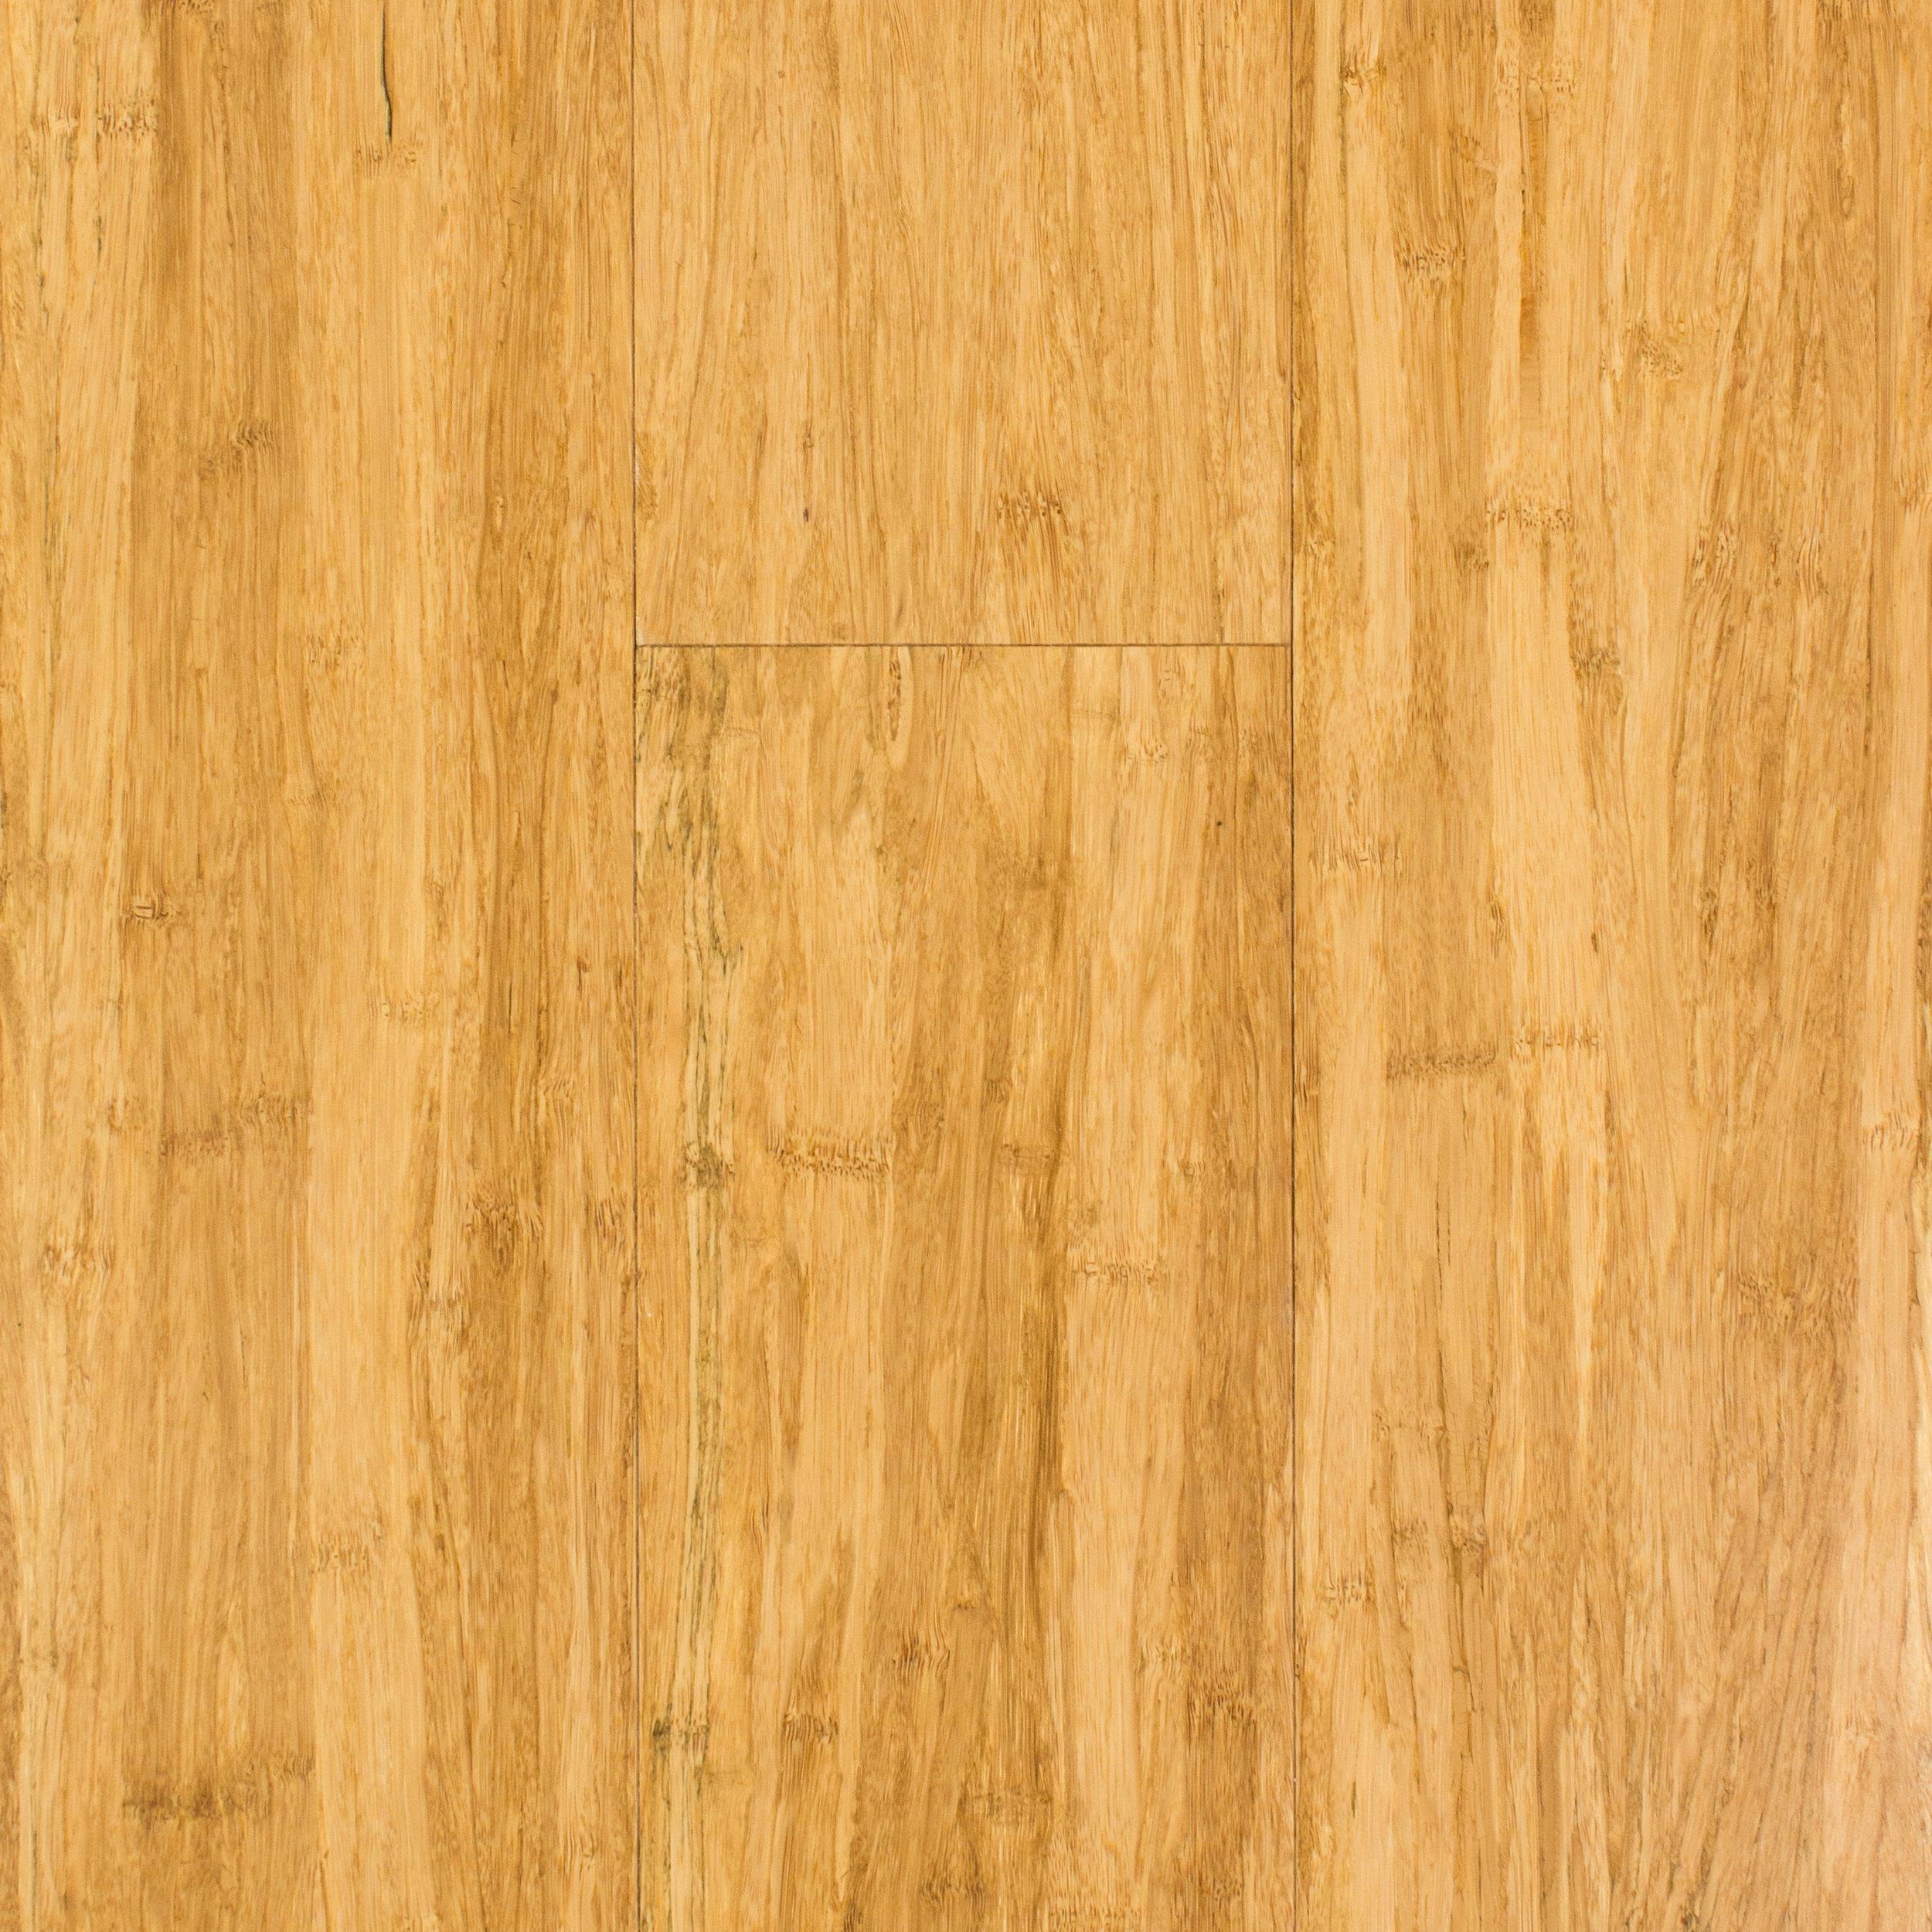 Bamboo Caramel